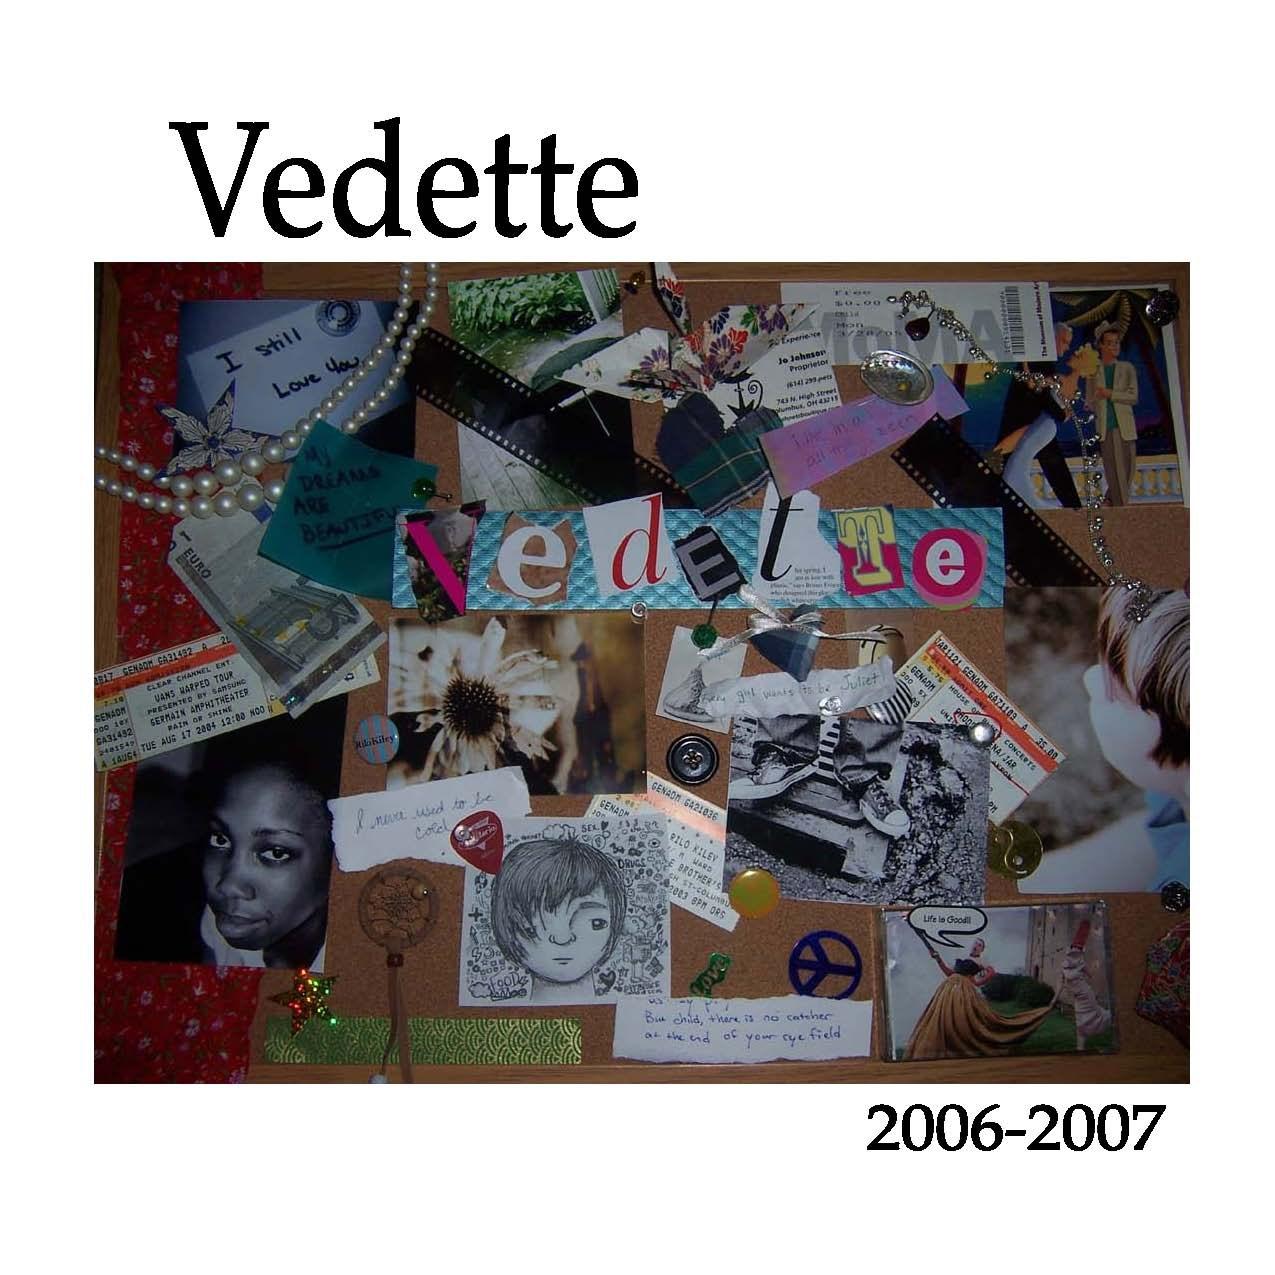 Vedette Cover 2006-2007